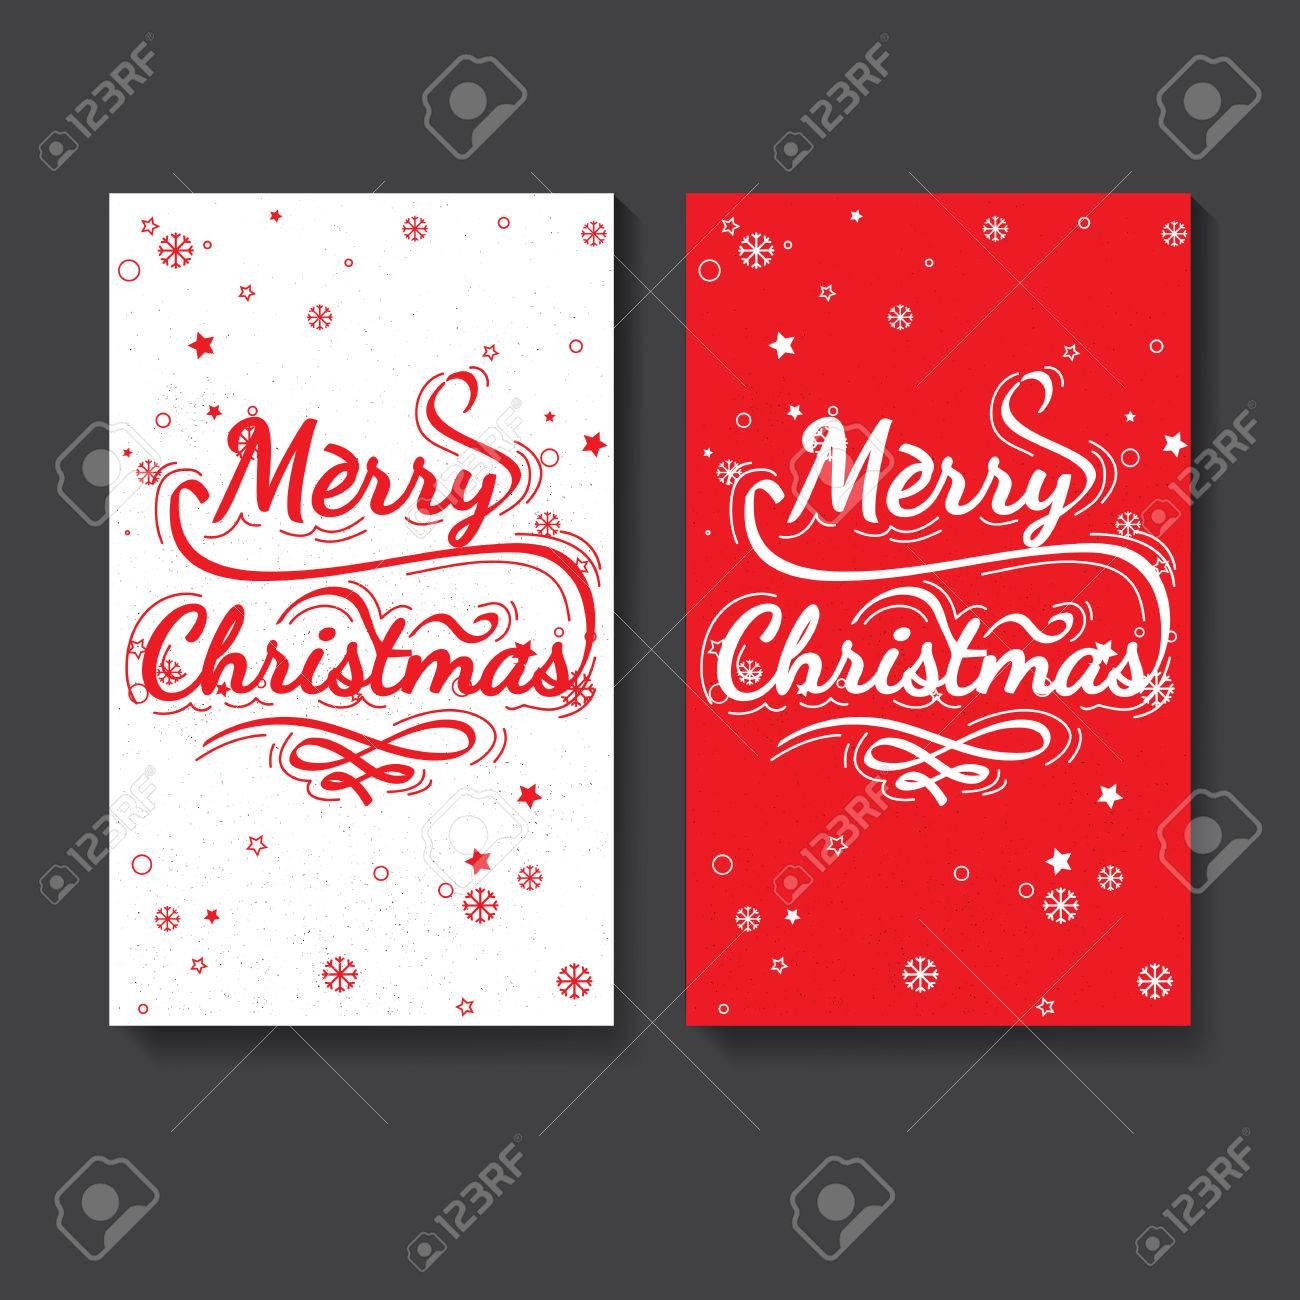 Weihnachten Zitat Heiraten. Set Schriftzug Kalligrafie. Weihnachten ...